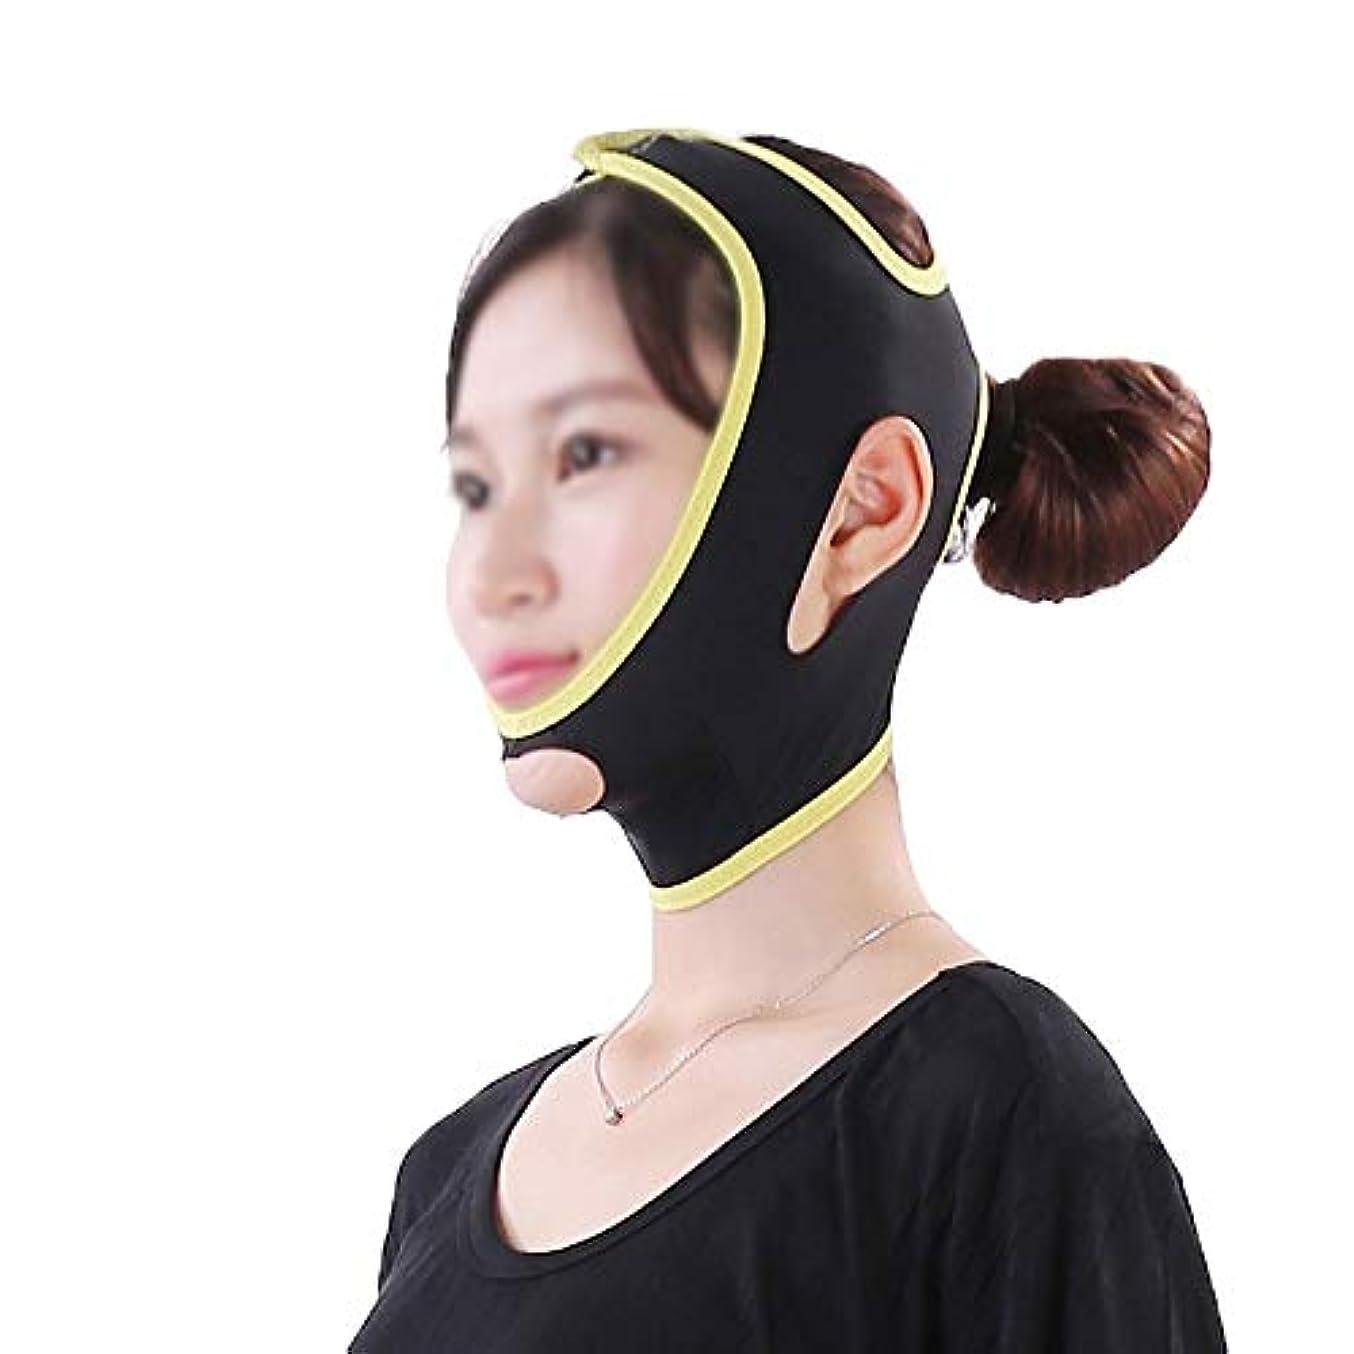 粗い競うメインGLJJQMY フェイス&ネックリフトシンフェイスマスクパワフルマスクフェイスリフトアーチファクトフェイスリフトフェイスツールシンフェイス包帯シンフェイスマスク美容マスク 顔用整形マスク (Size : L)